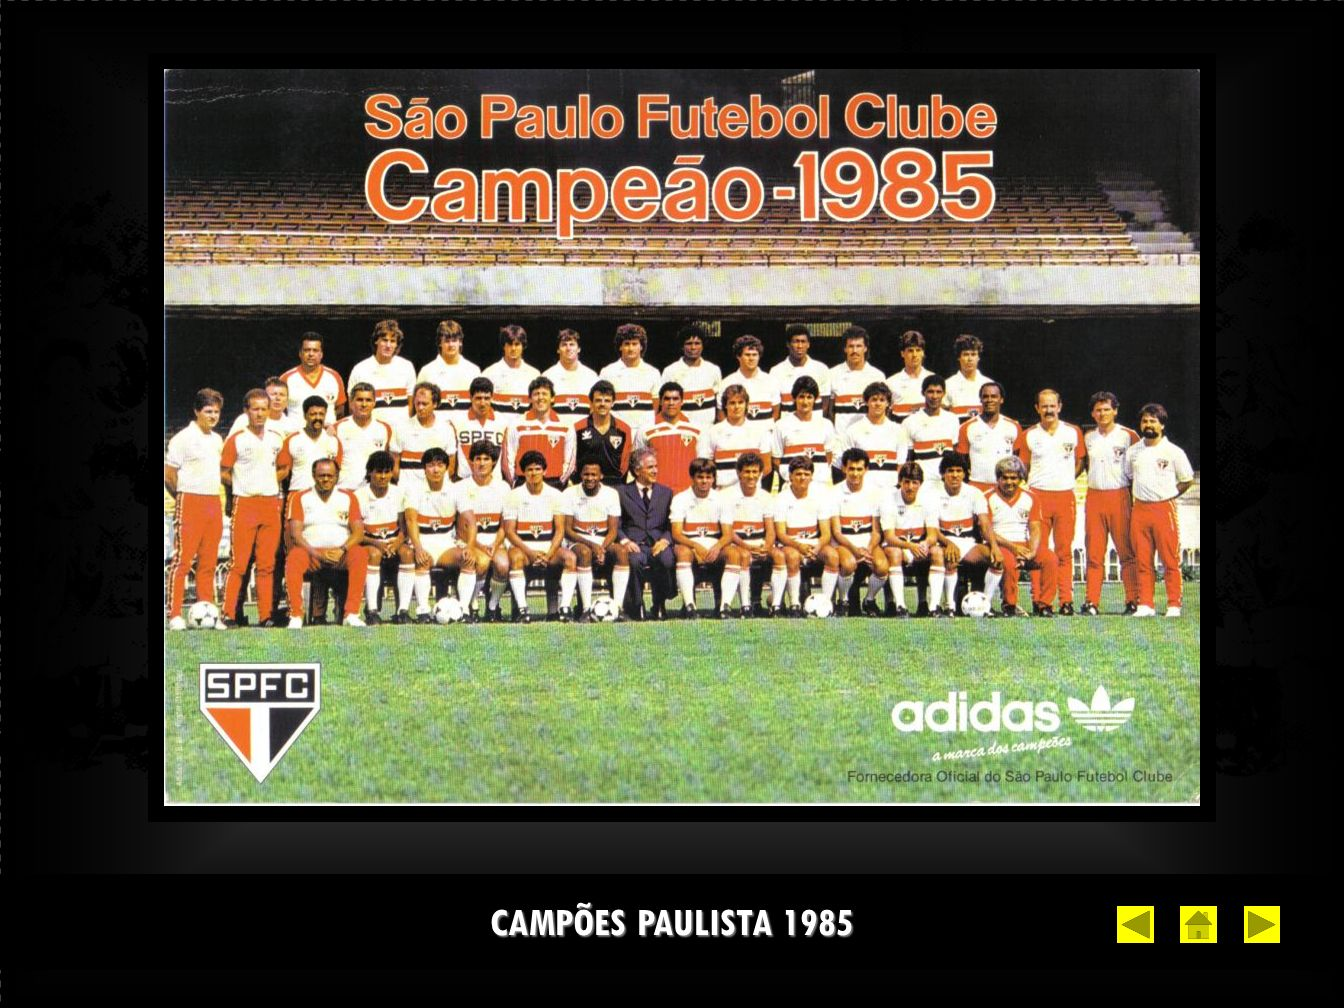 CAMPÕES PAULISTA 1985